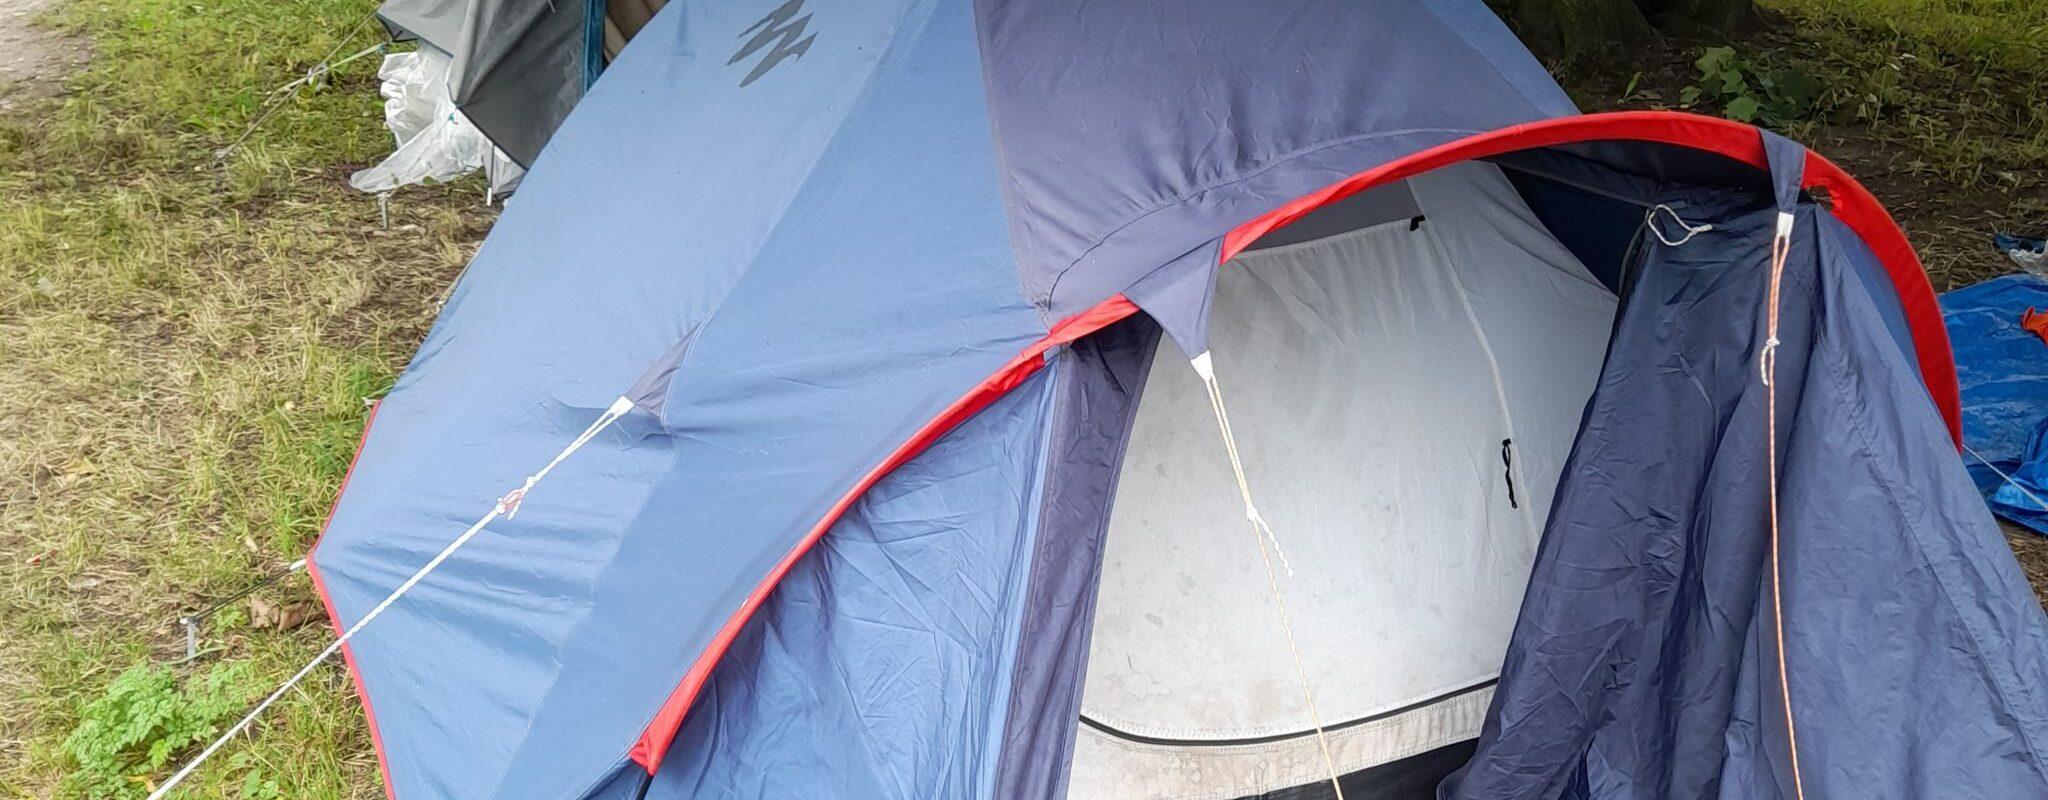 De nouveaux campements de sans-abris, les associations craignent des évacuations